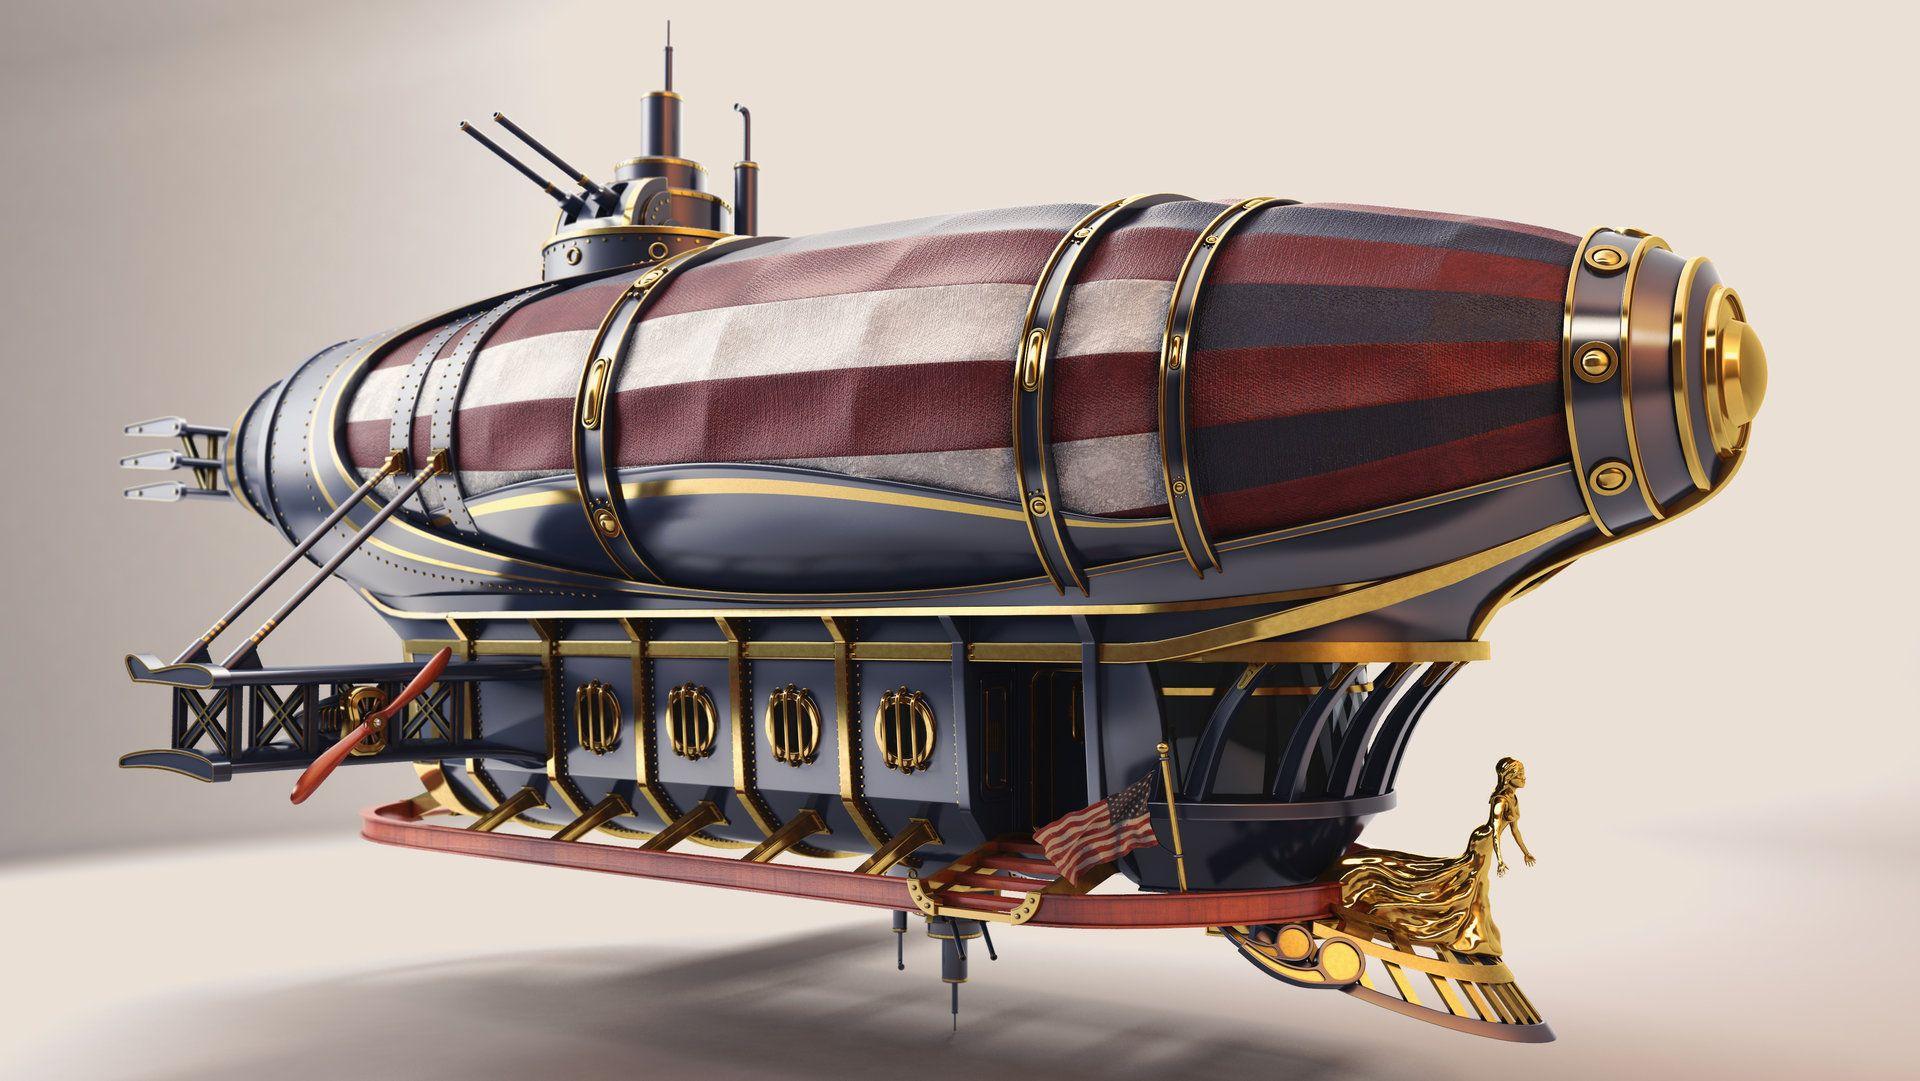 diseño zeppelin steampunk